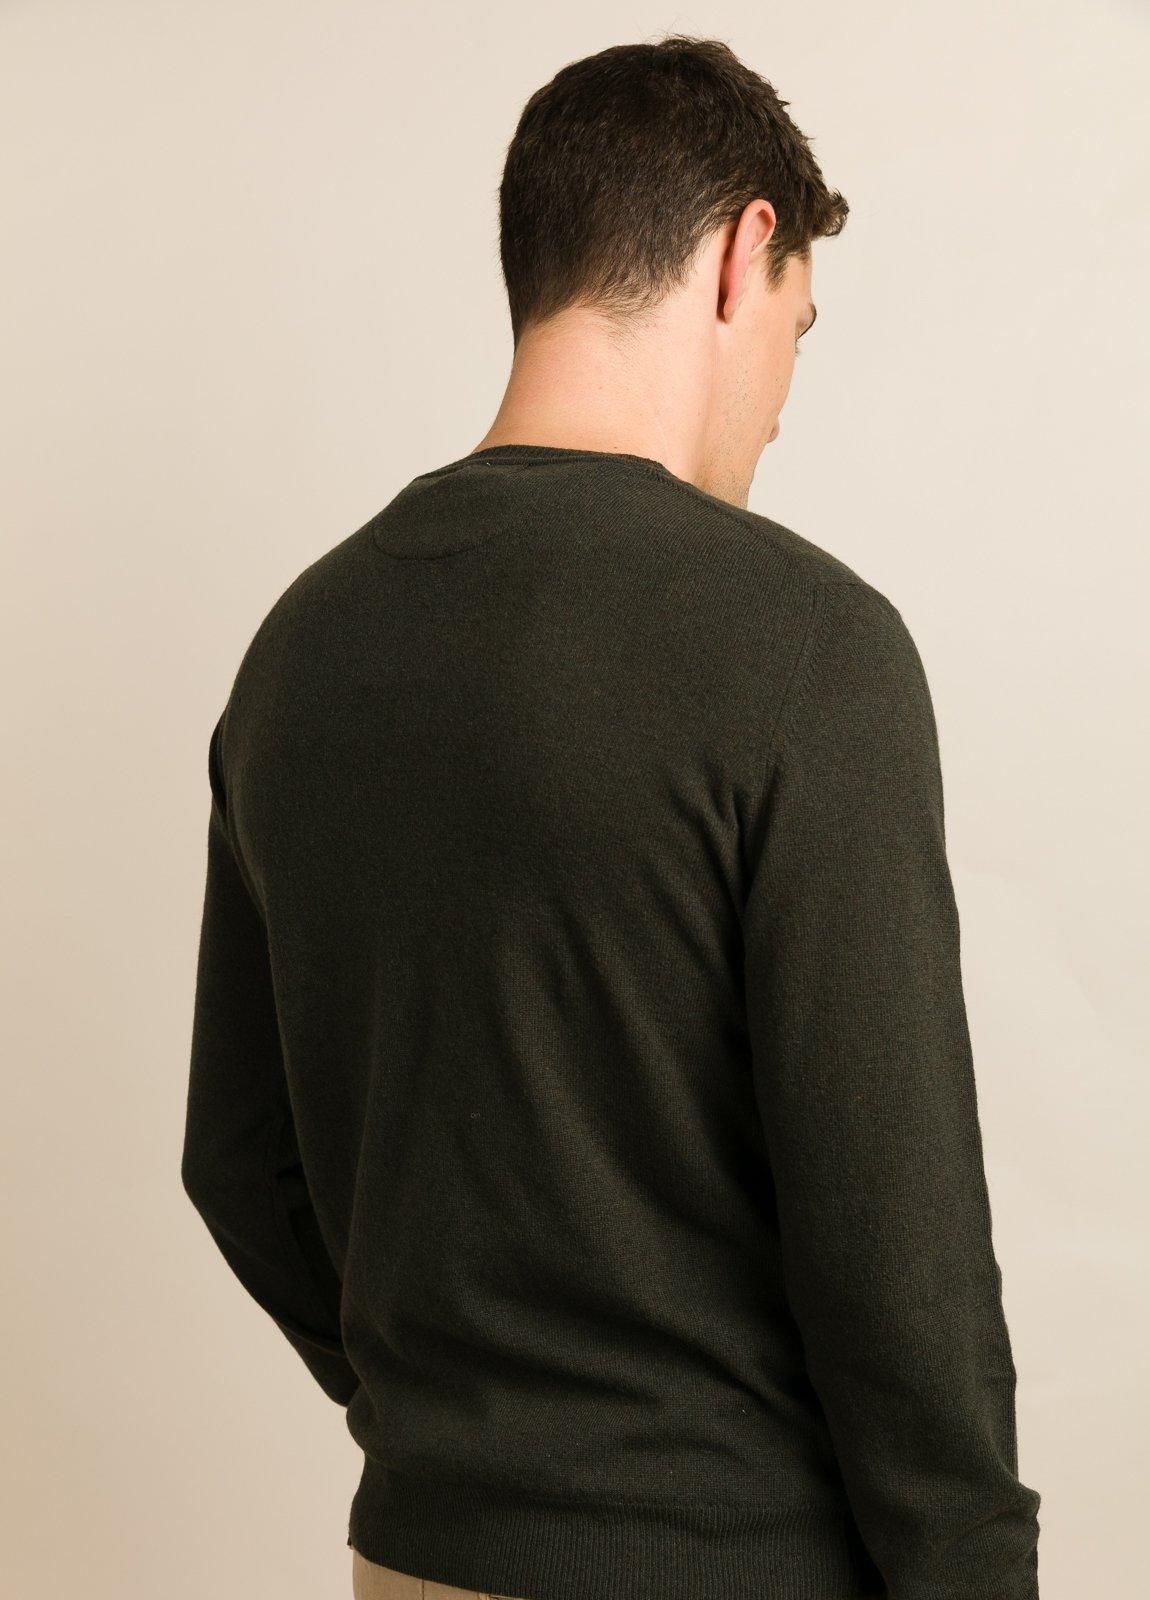 Jersey FUREST COLECCIÓN cuello redondo verde botella - Ítem3